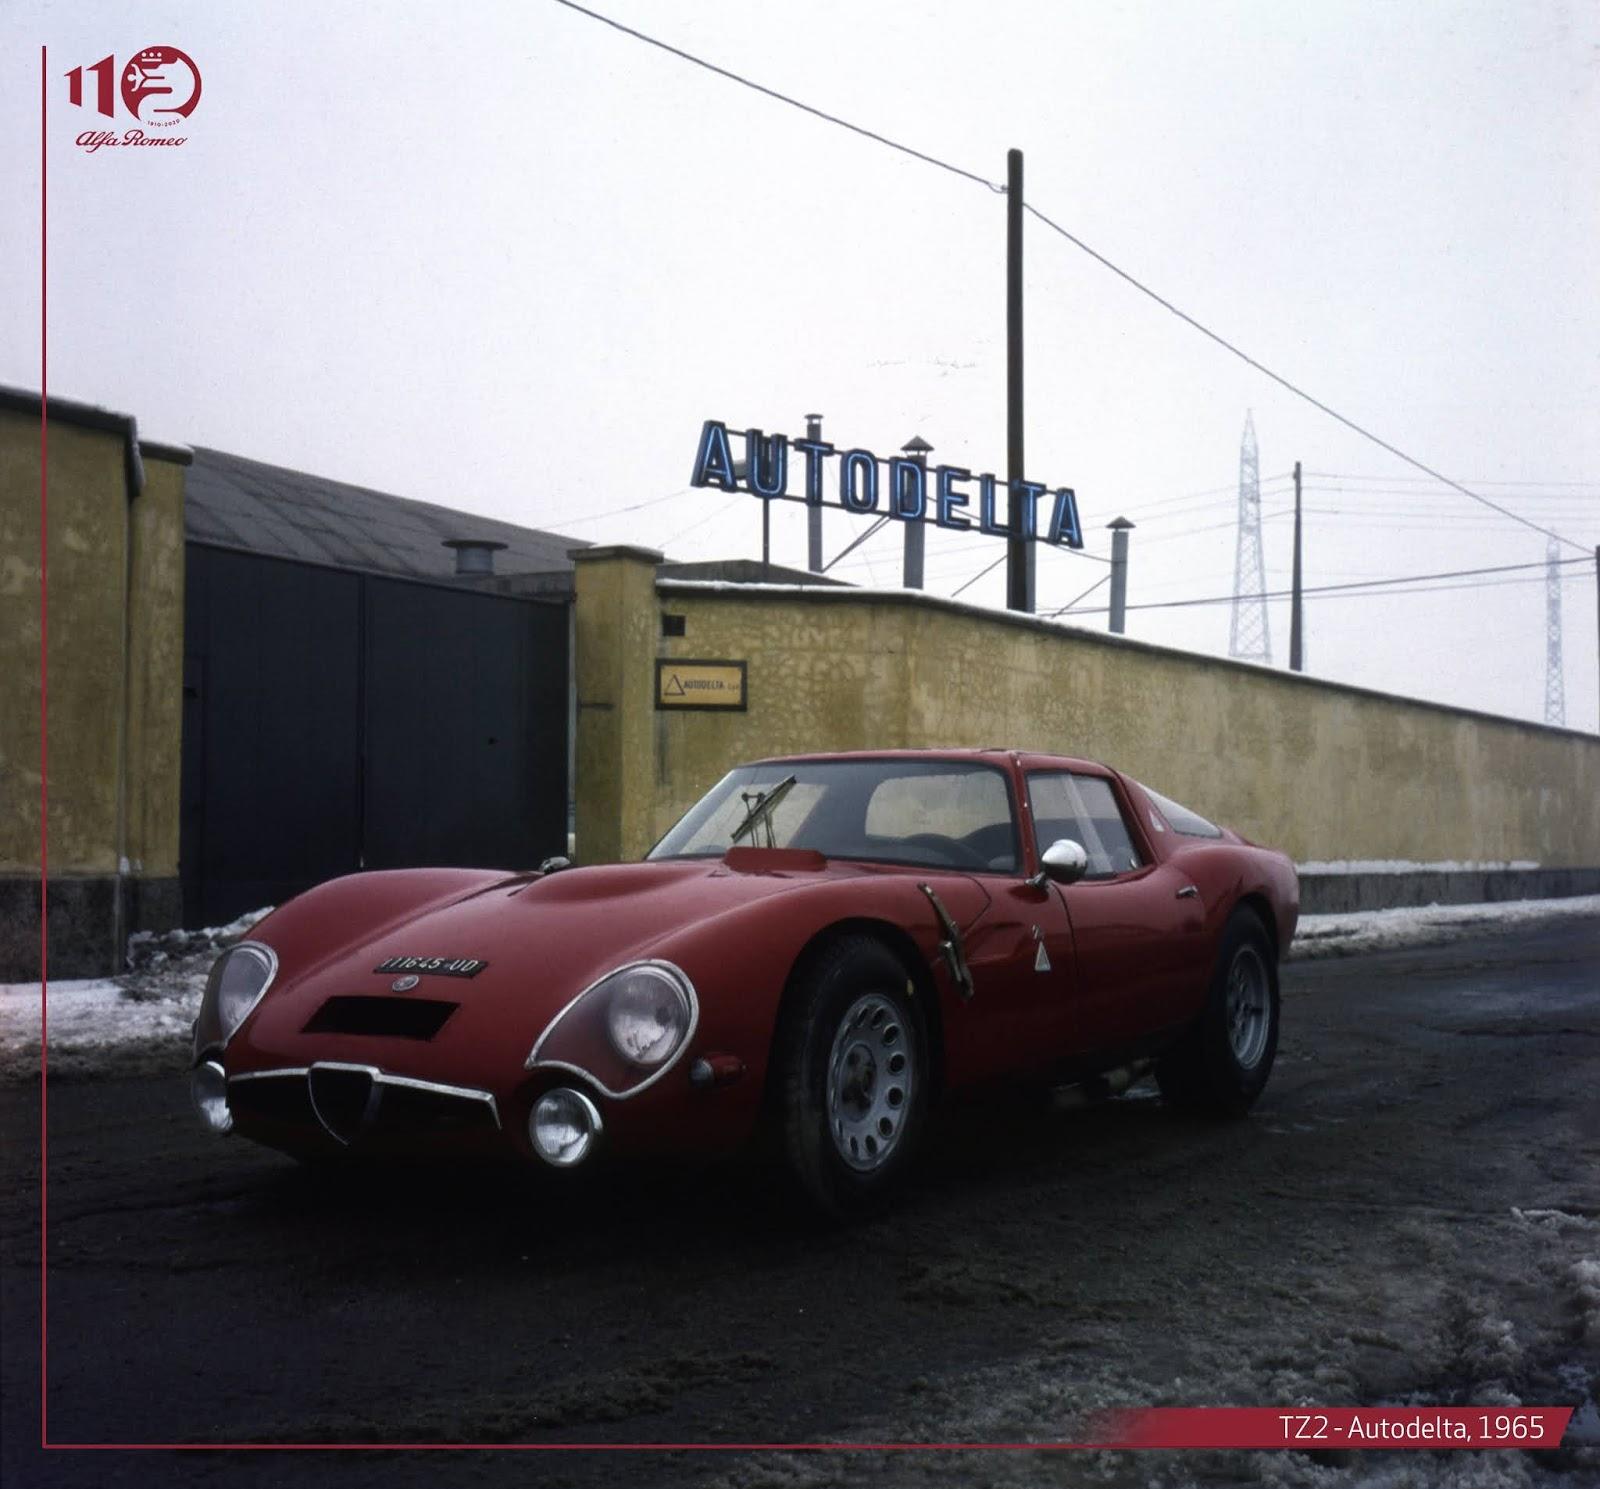 tz2sedeautodelta1965 5fb3d22e15fea